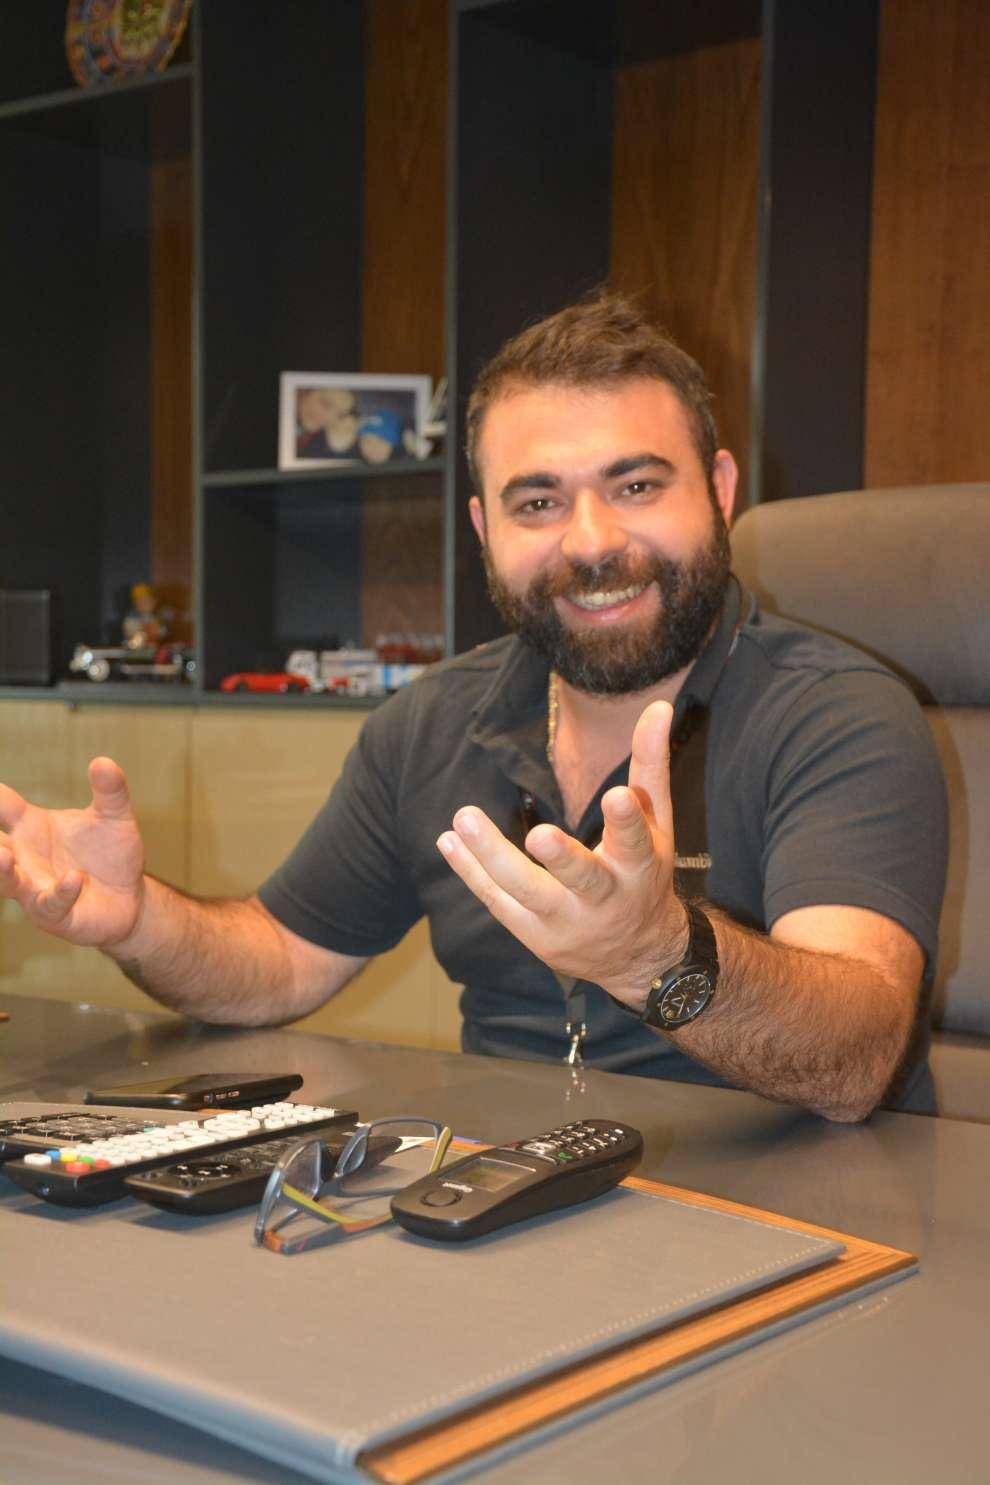 Aker Holding Yönetim Kurulu Başkanı Eren Ertuğrul Işık ve ekibi